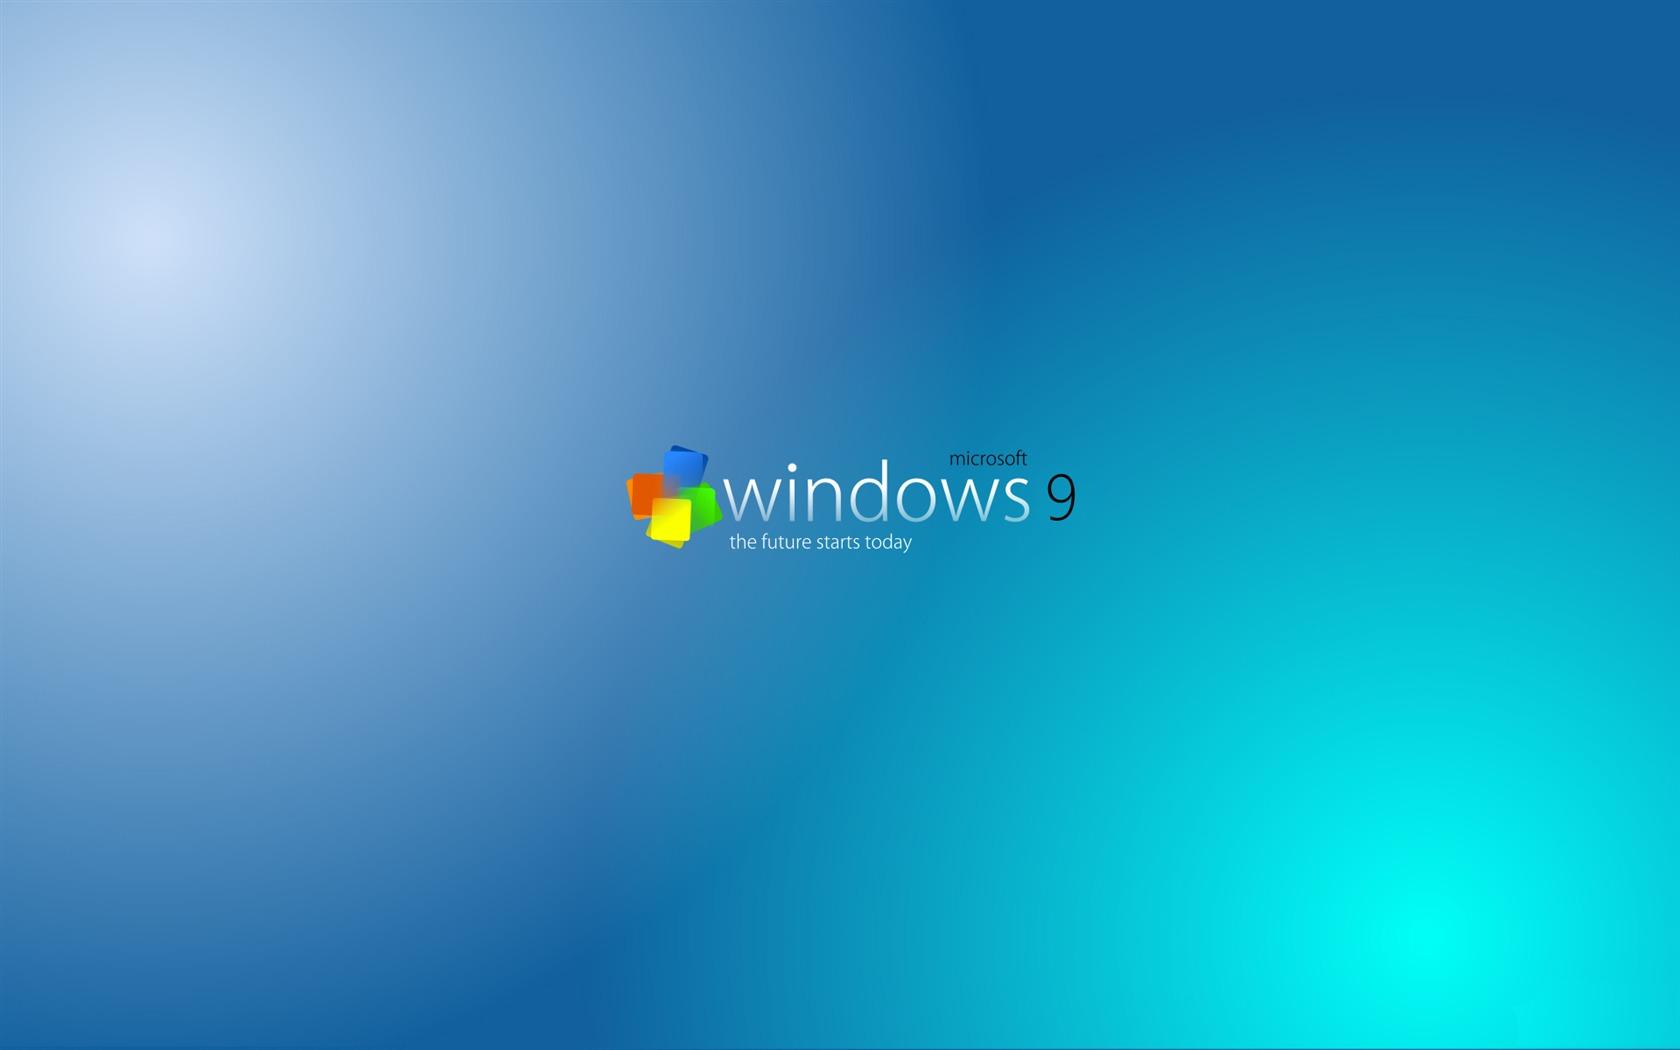 ... Windows 9 HD Widescreen Wallpaper 08 Current Size: 1680 x 1050